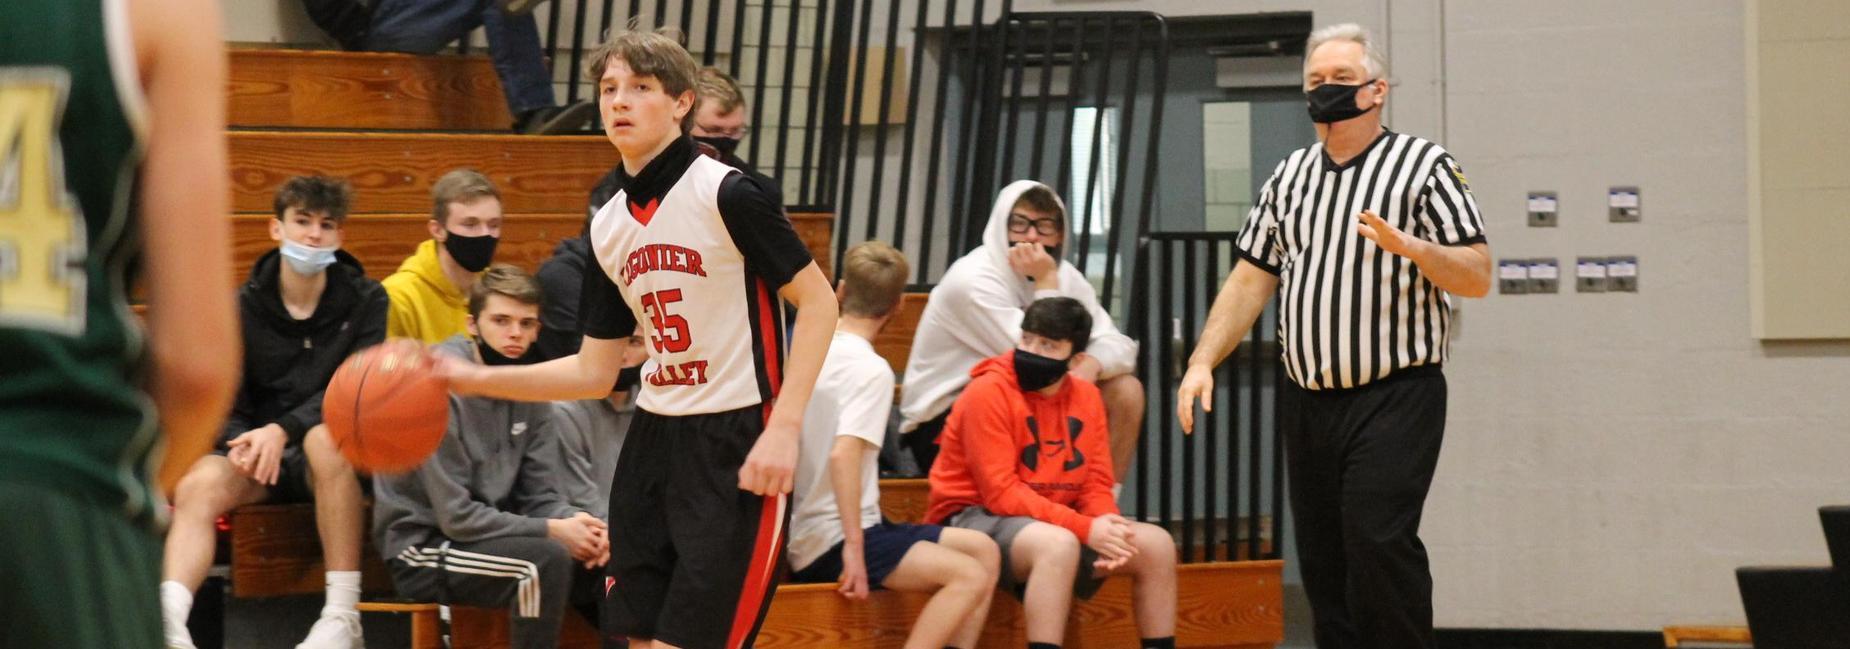 LVMS Basketball